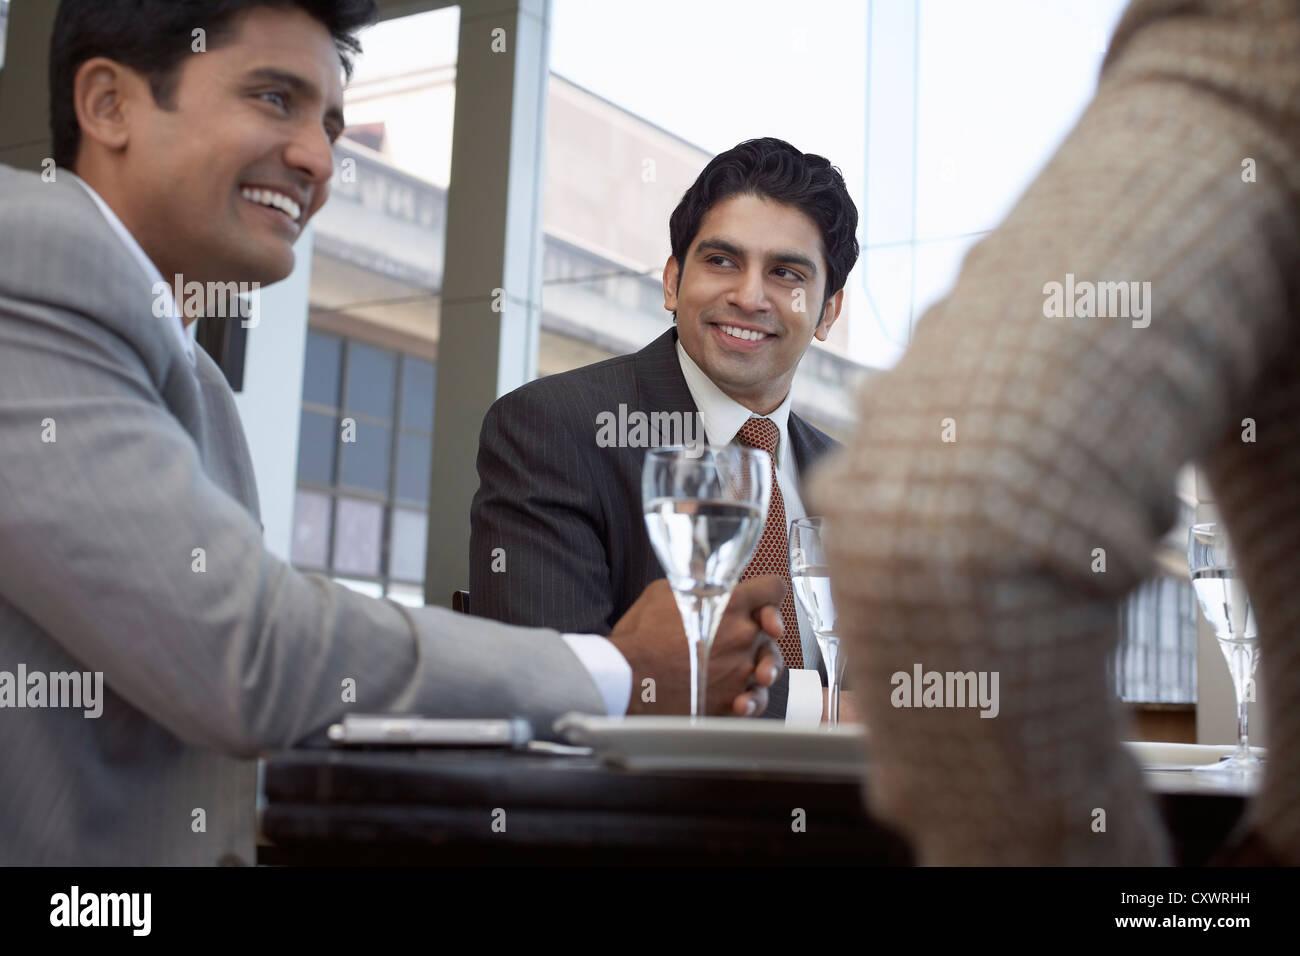 La gente di affari a pranzo insieme Immagini Stock